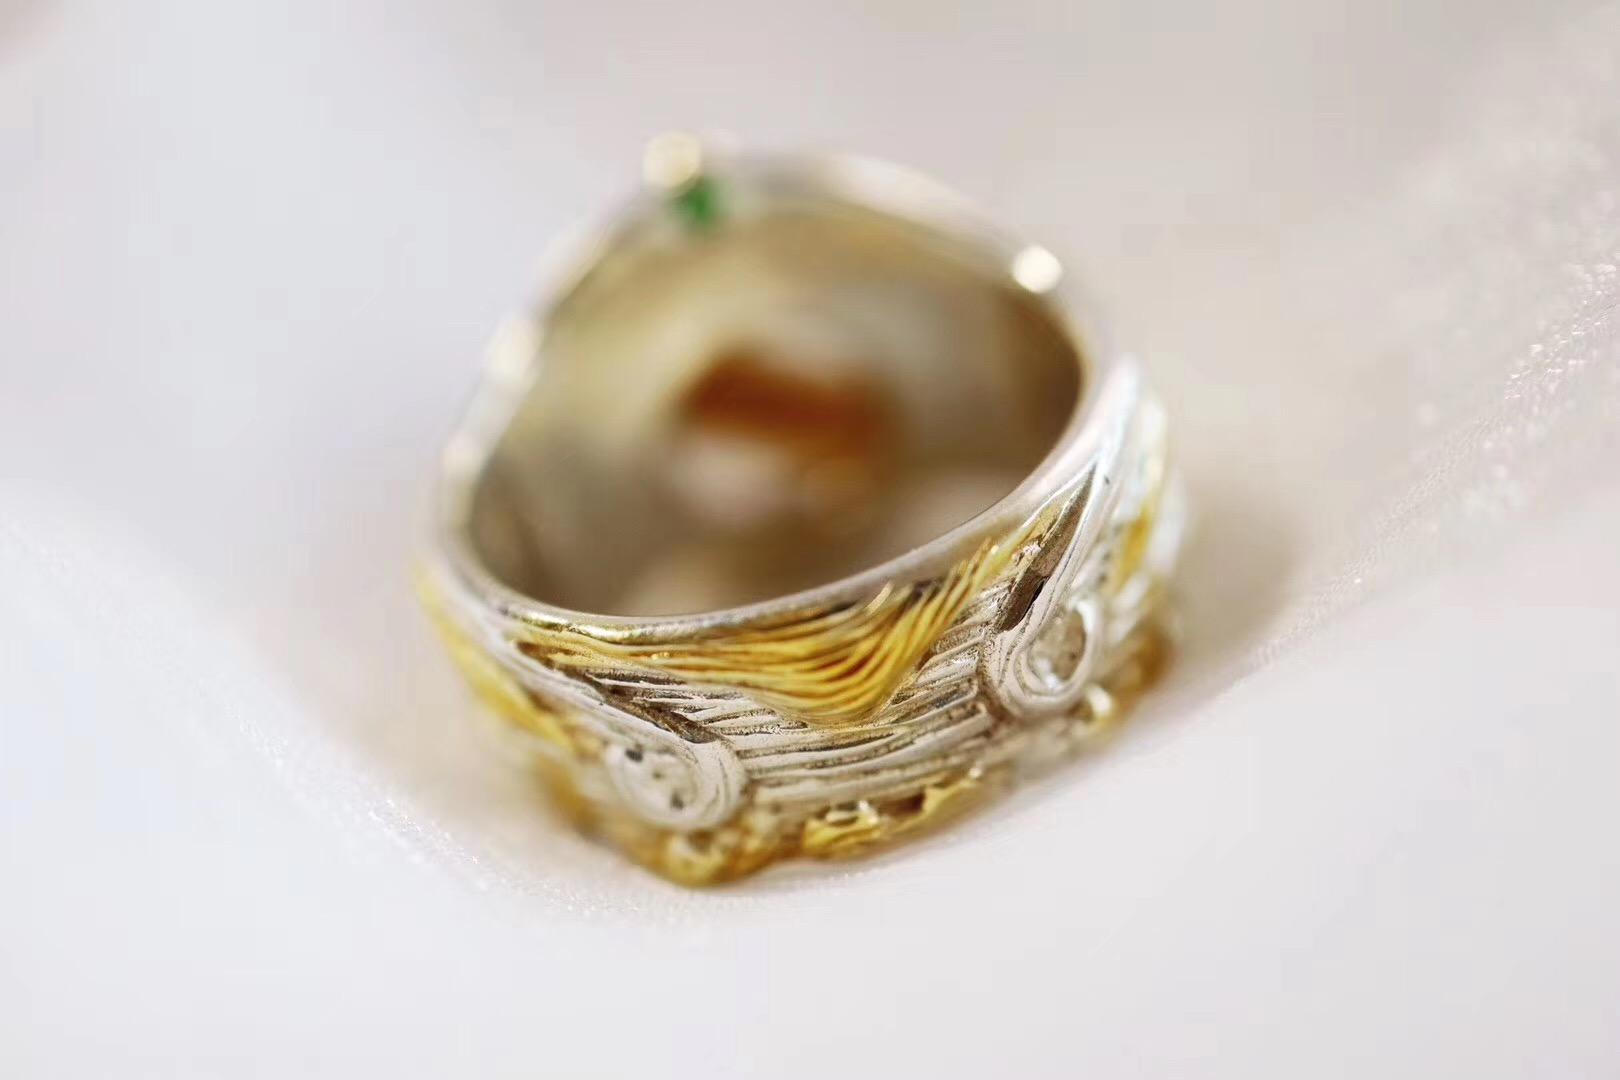 【钛晶戒】戴这枚戒指的小哥哥,是驾着七彩祥云来的吧-菩心晶舍